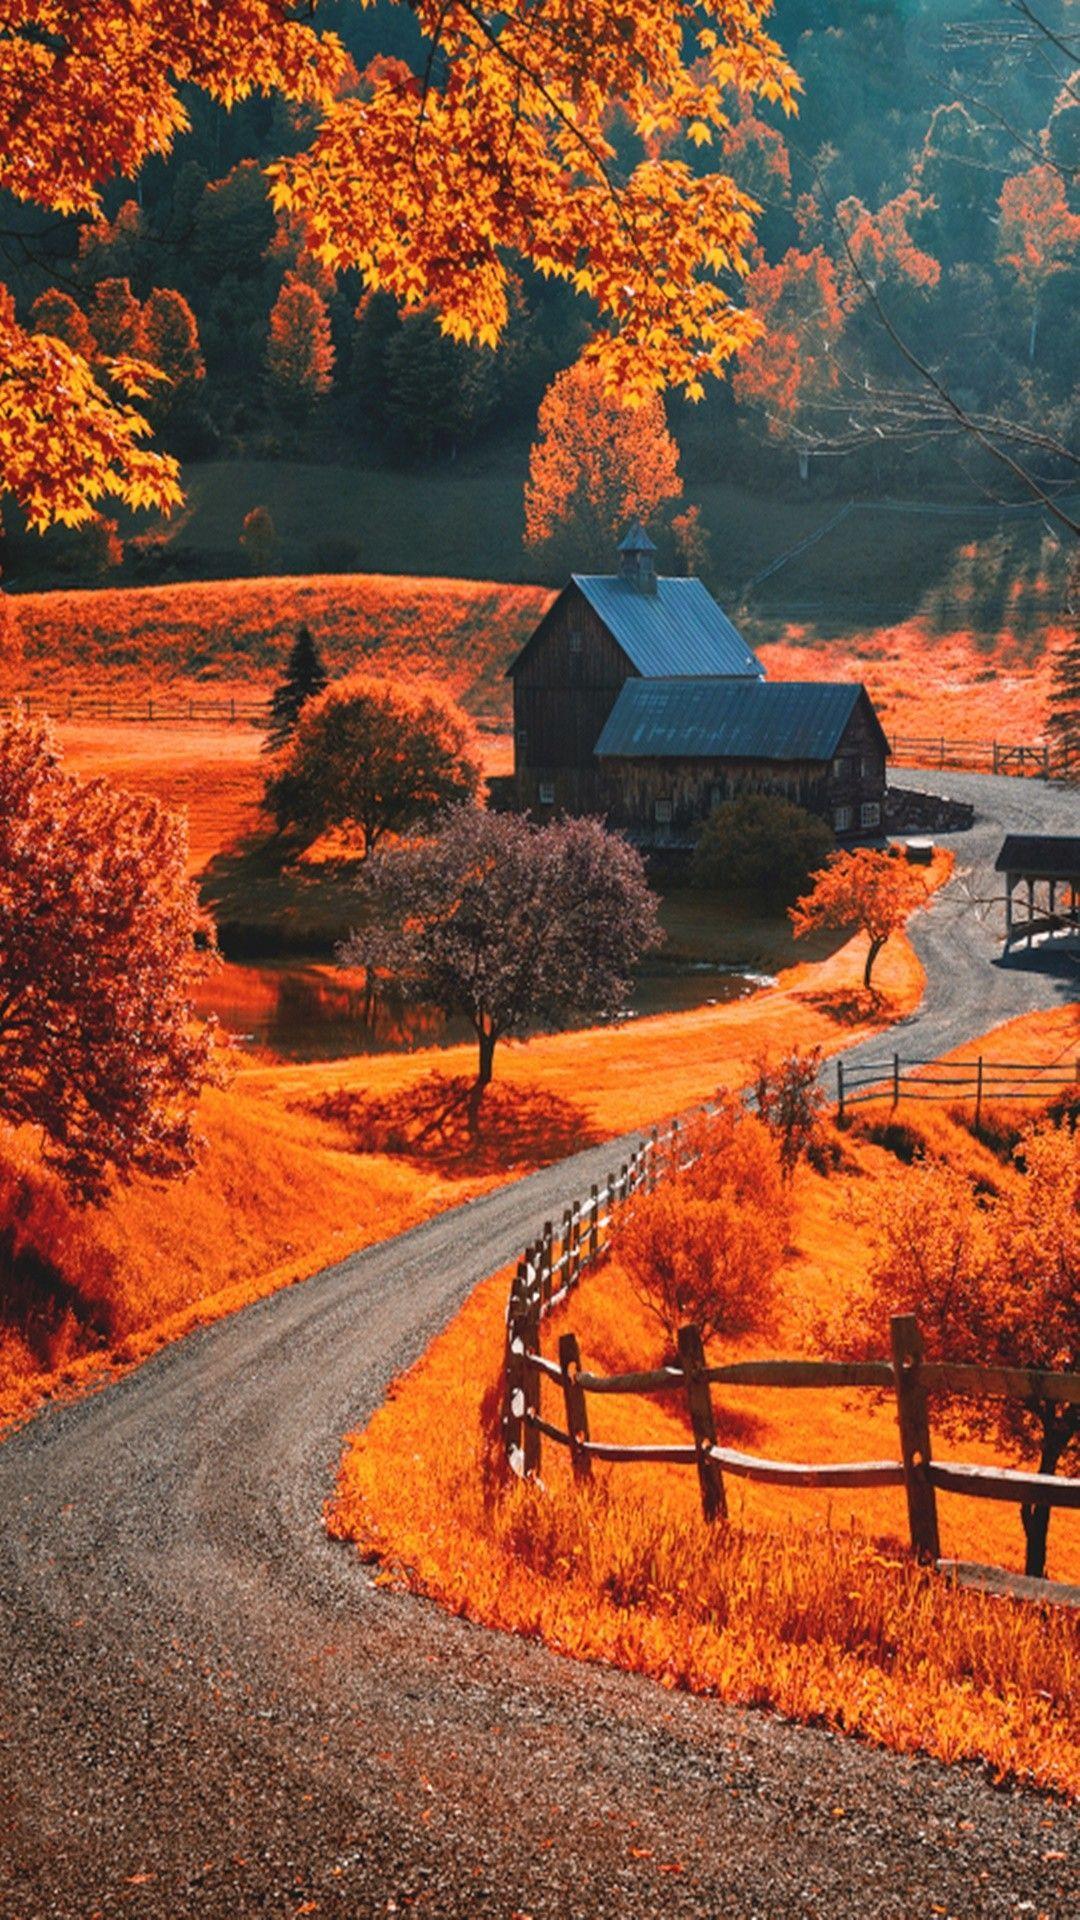 Hình nền mùa thu cho iPhone 6 1080x1920